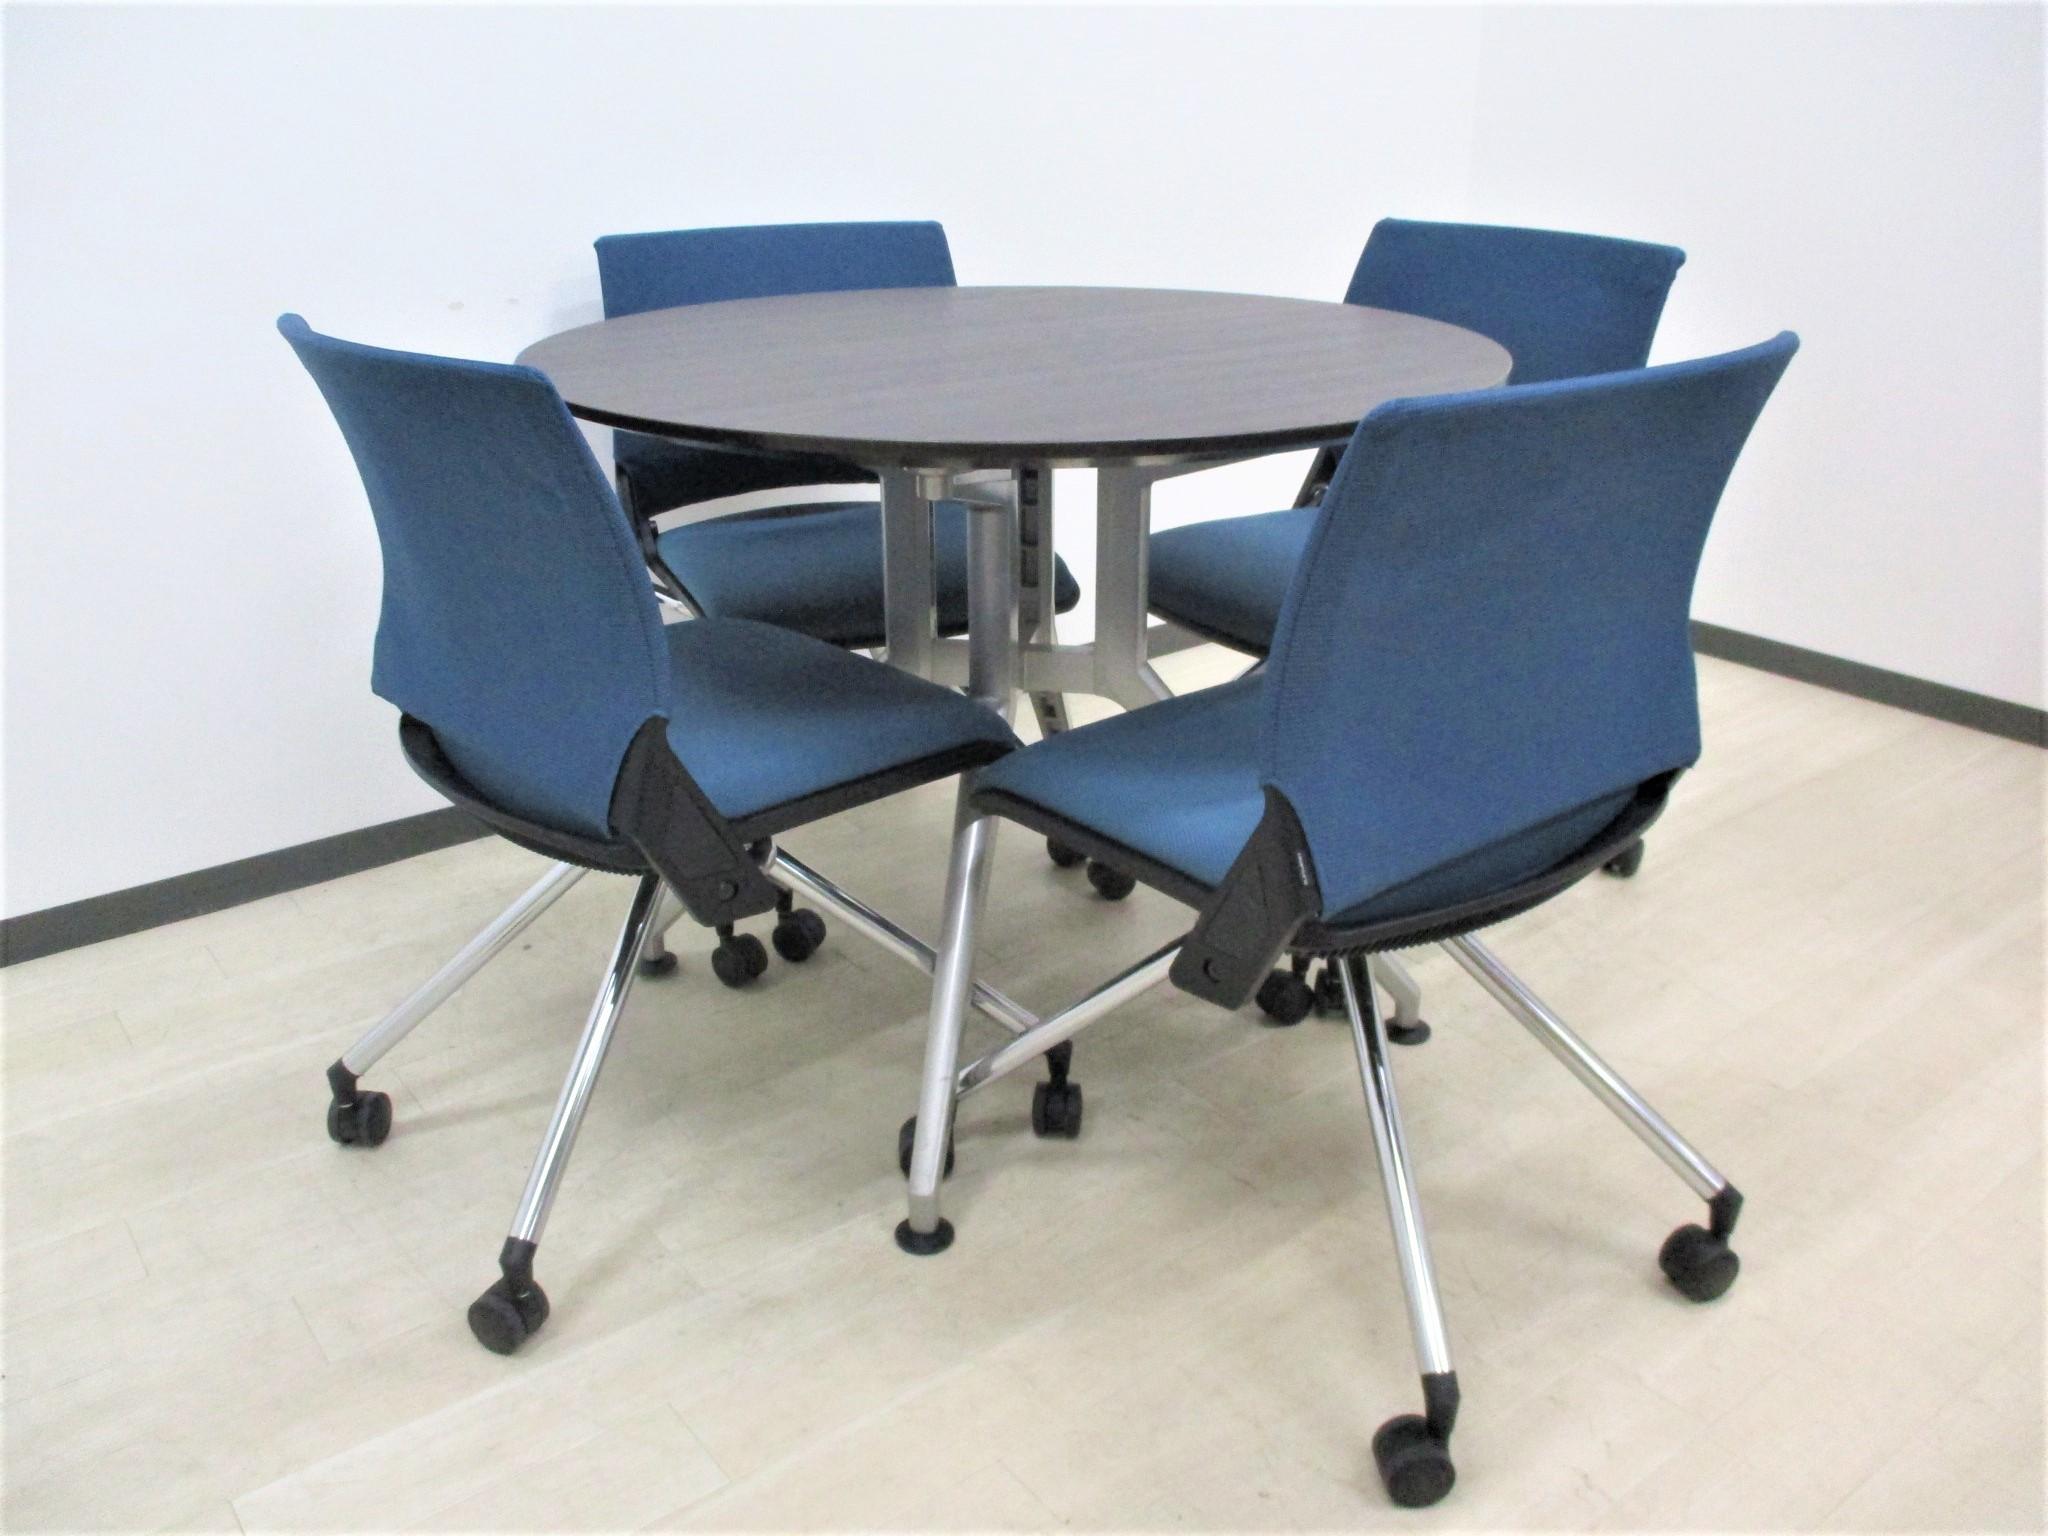 【人気DDDシリーズセット!】オシャレな丸テーブルが入荷!オフィスでも商談でも様になります!